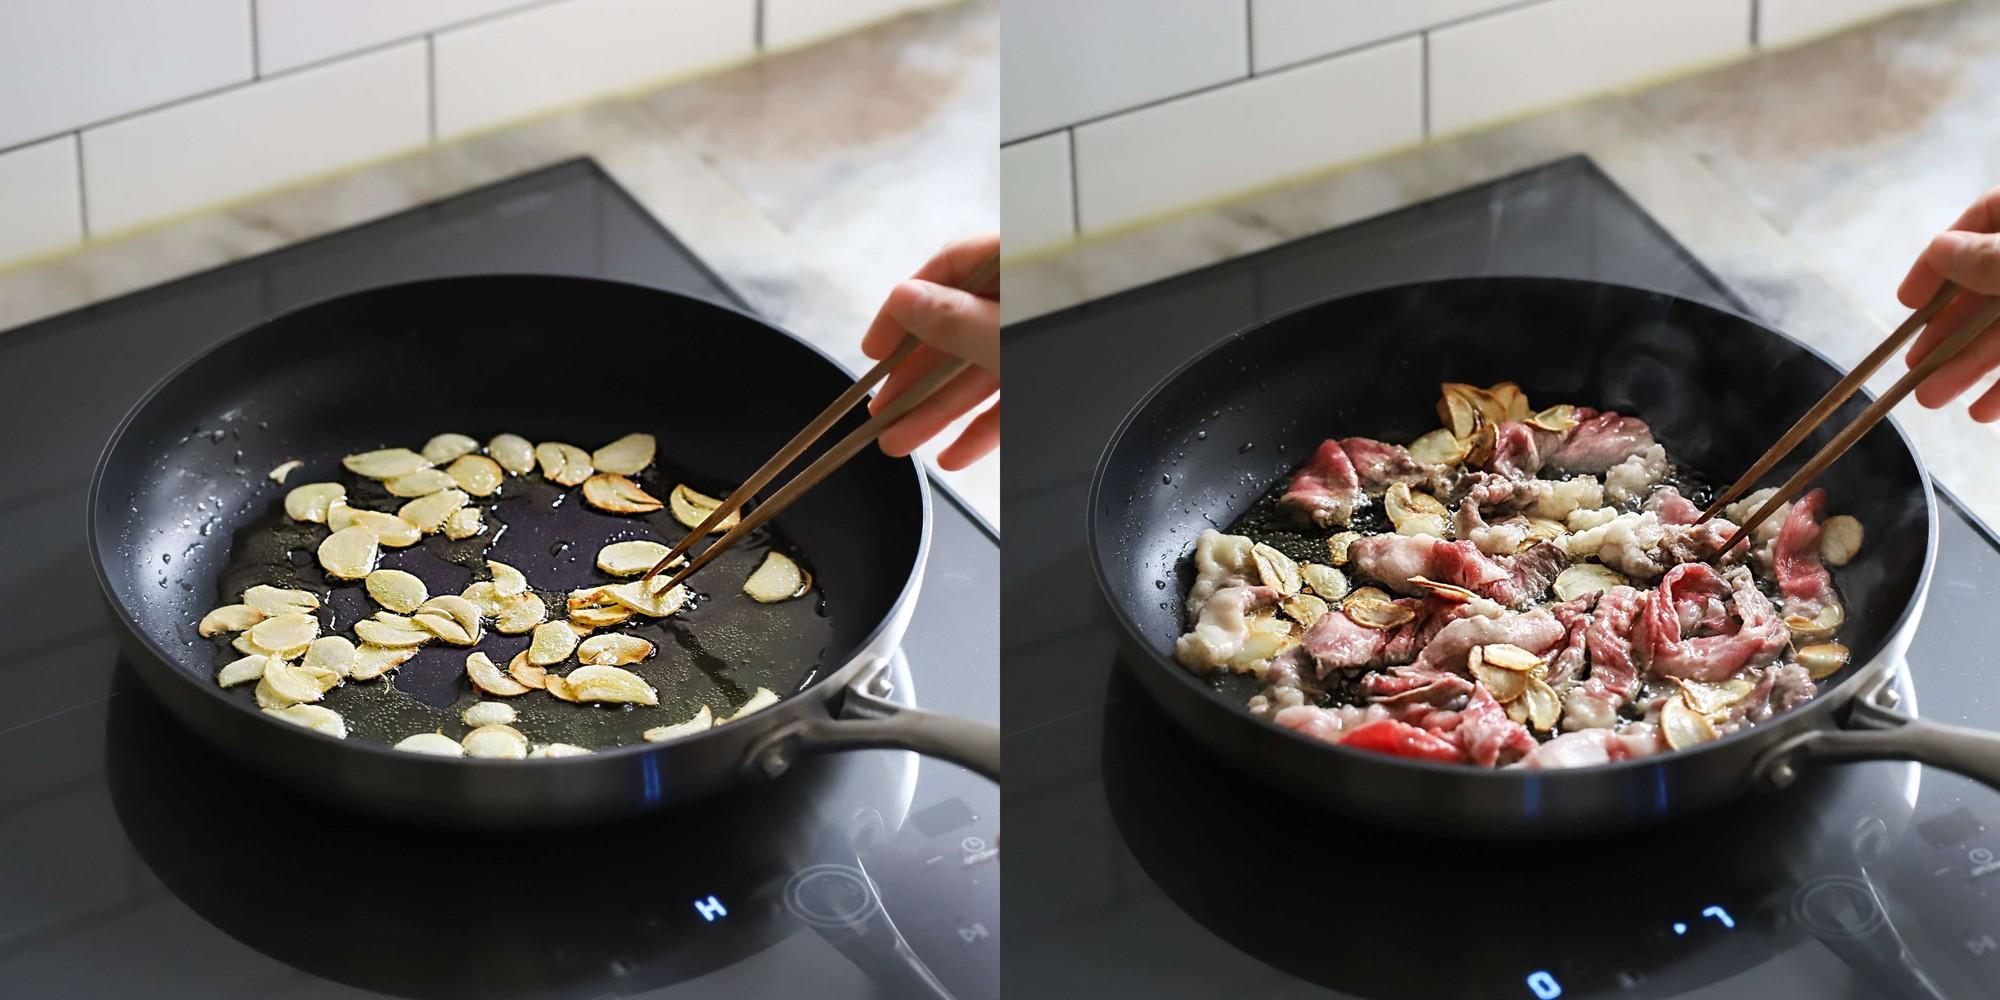 Mì xào bò kiểu Hàn ngon miệng dễ làm - Ảnh 2.